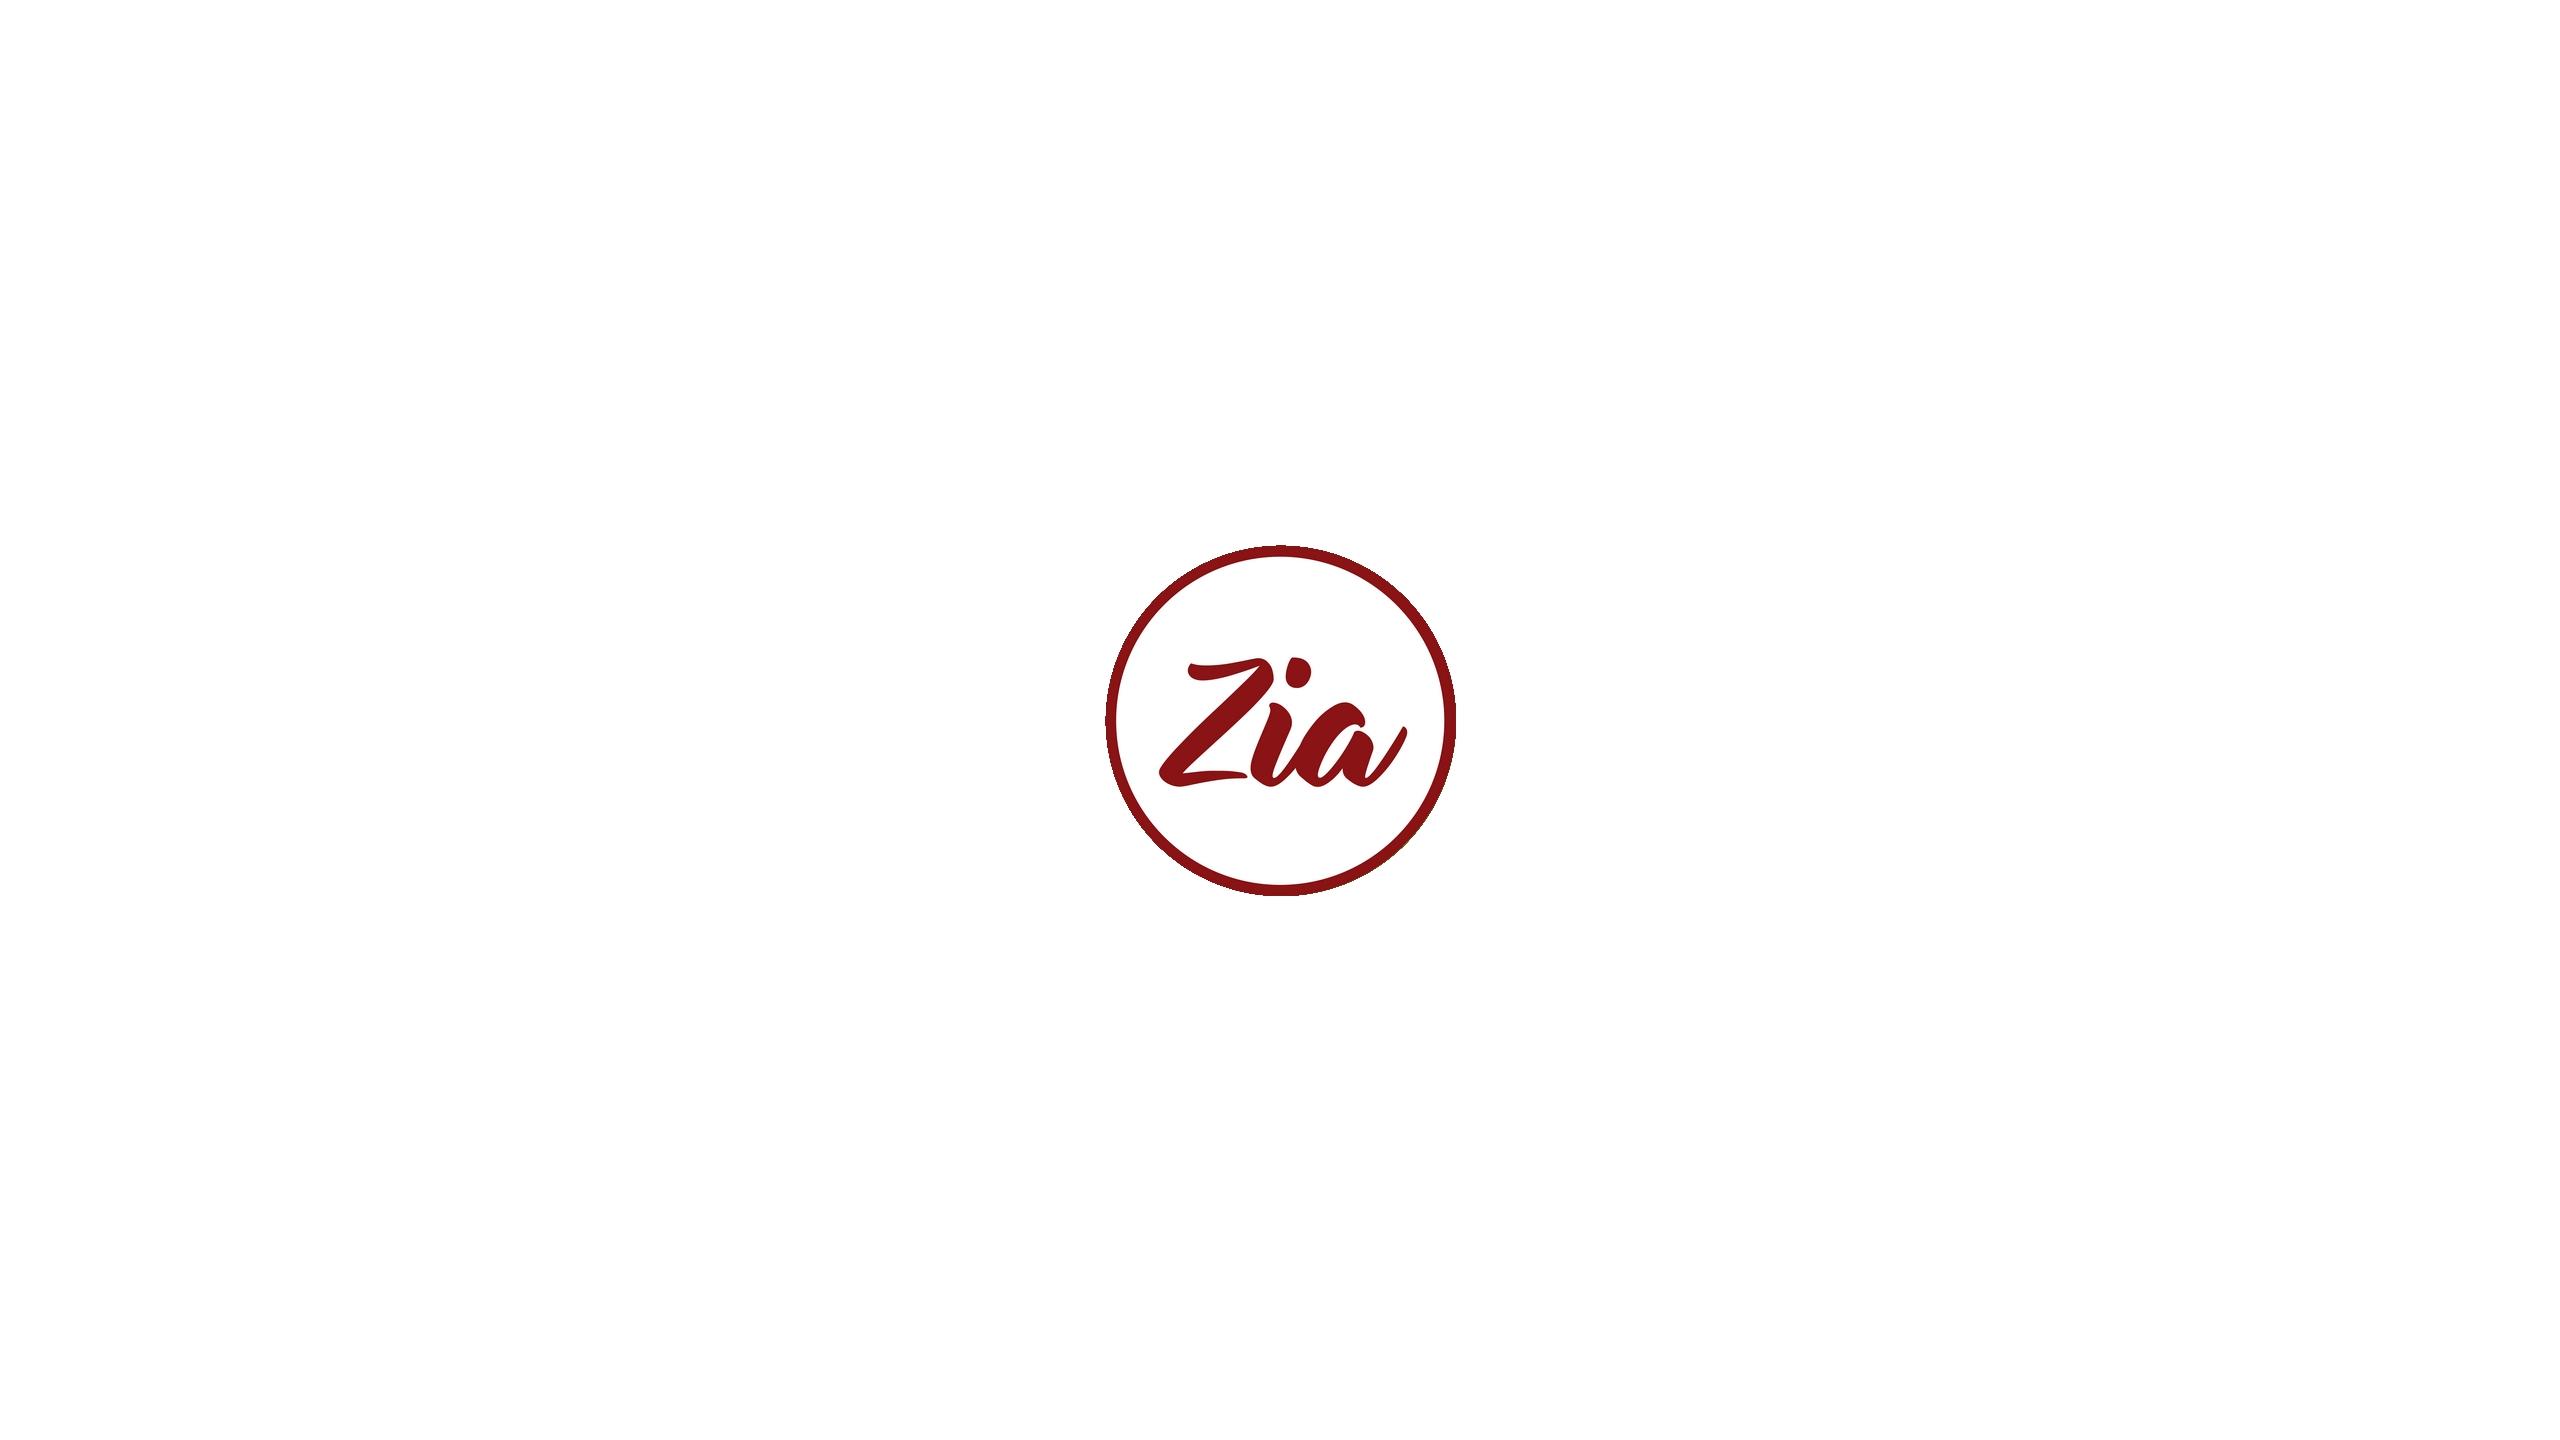 Zia Graduate